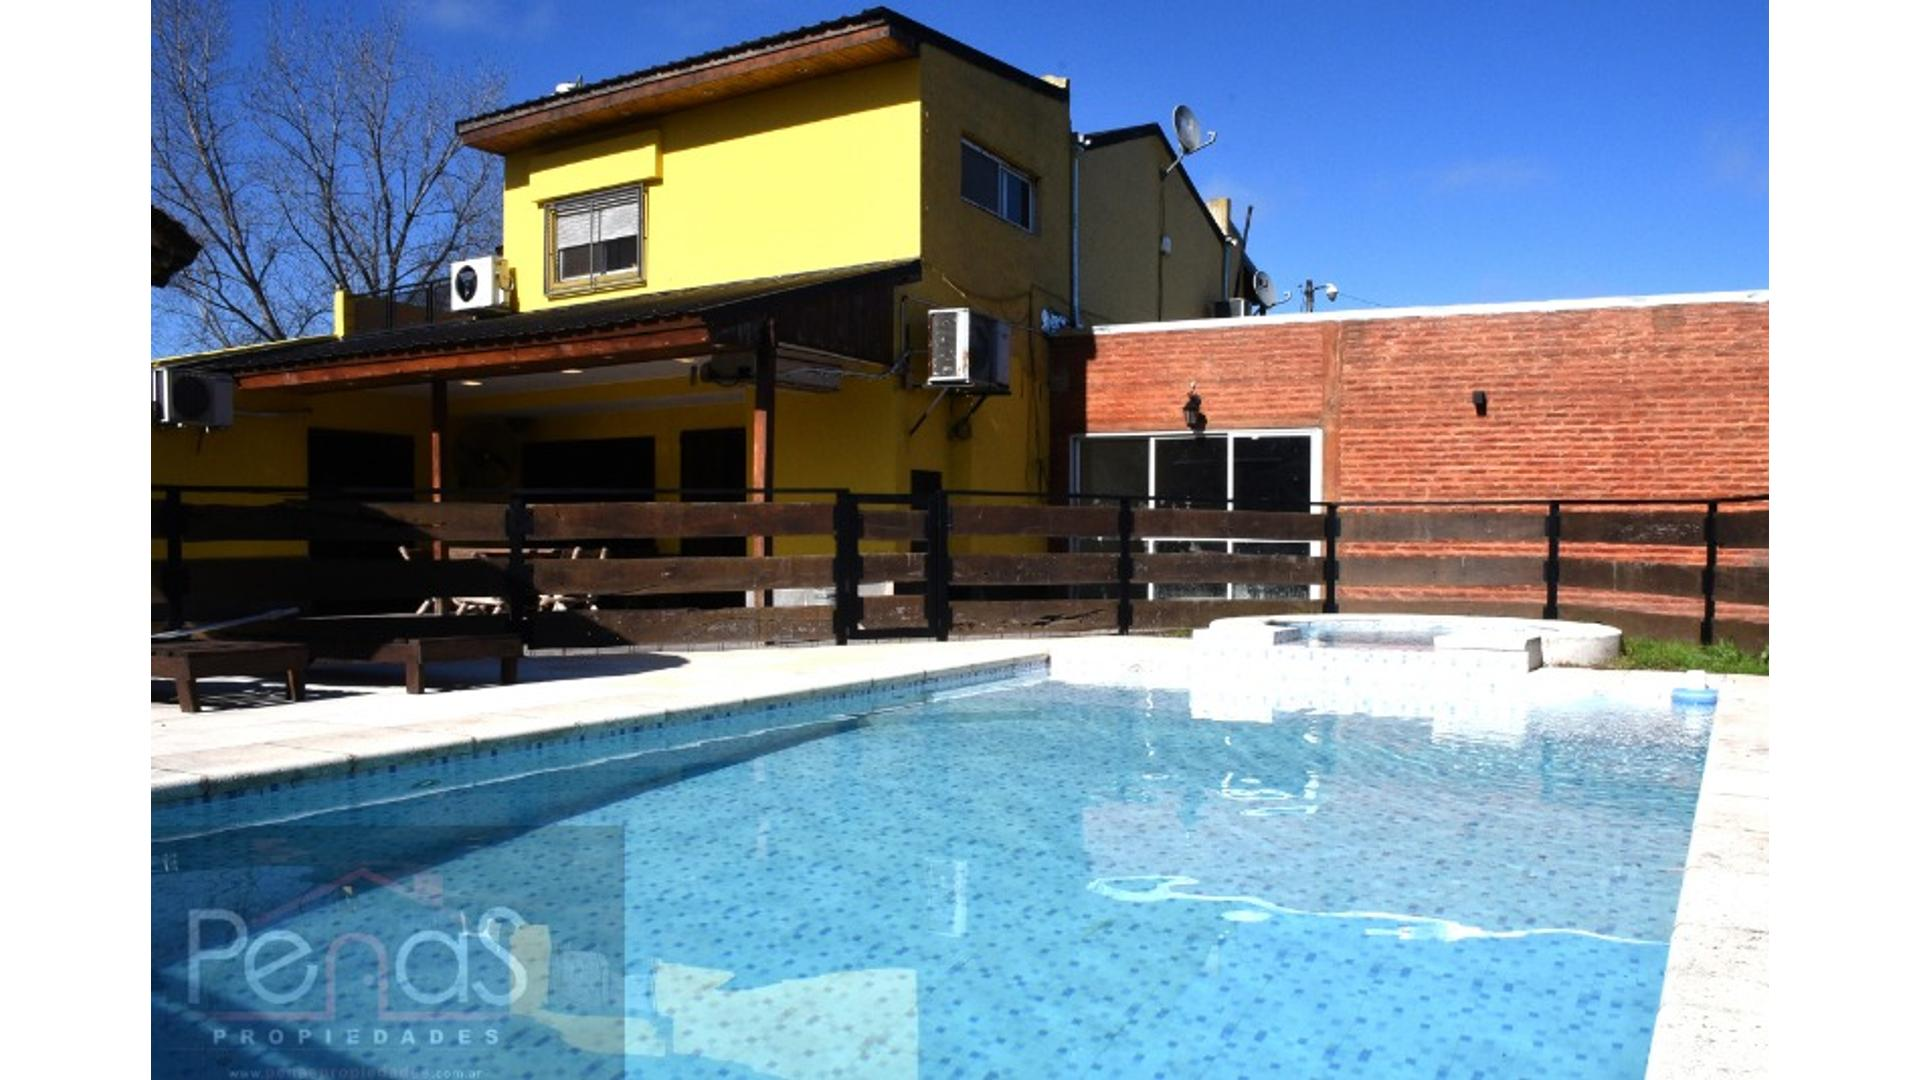 Viedma 200 - $ 3.900 - Quinta Alquiler temporario